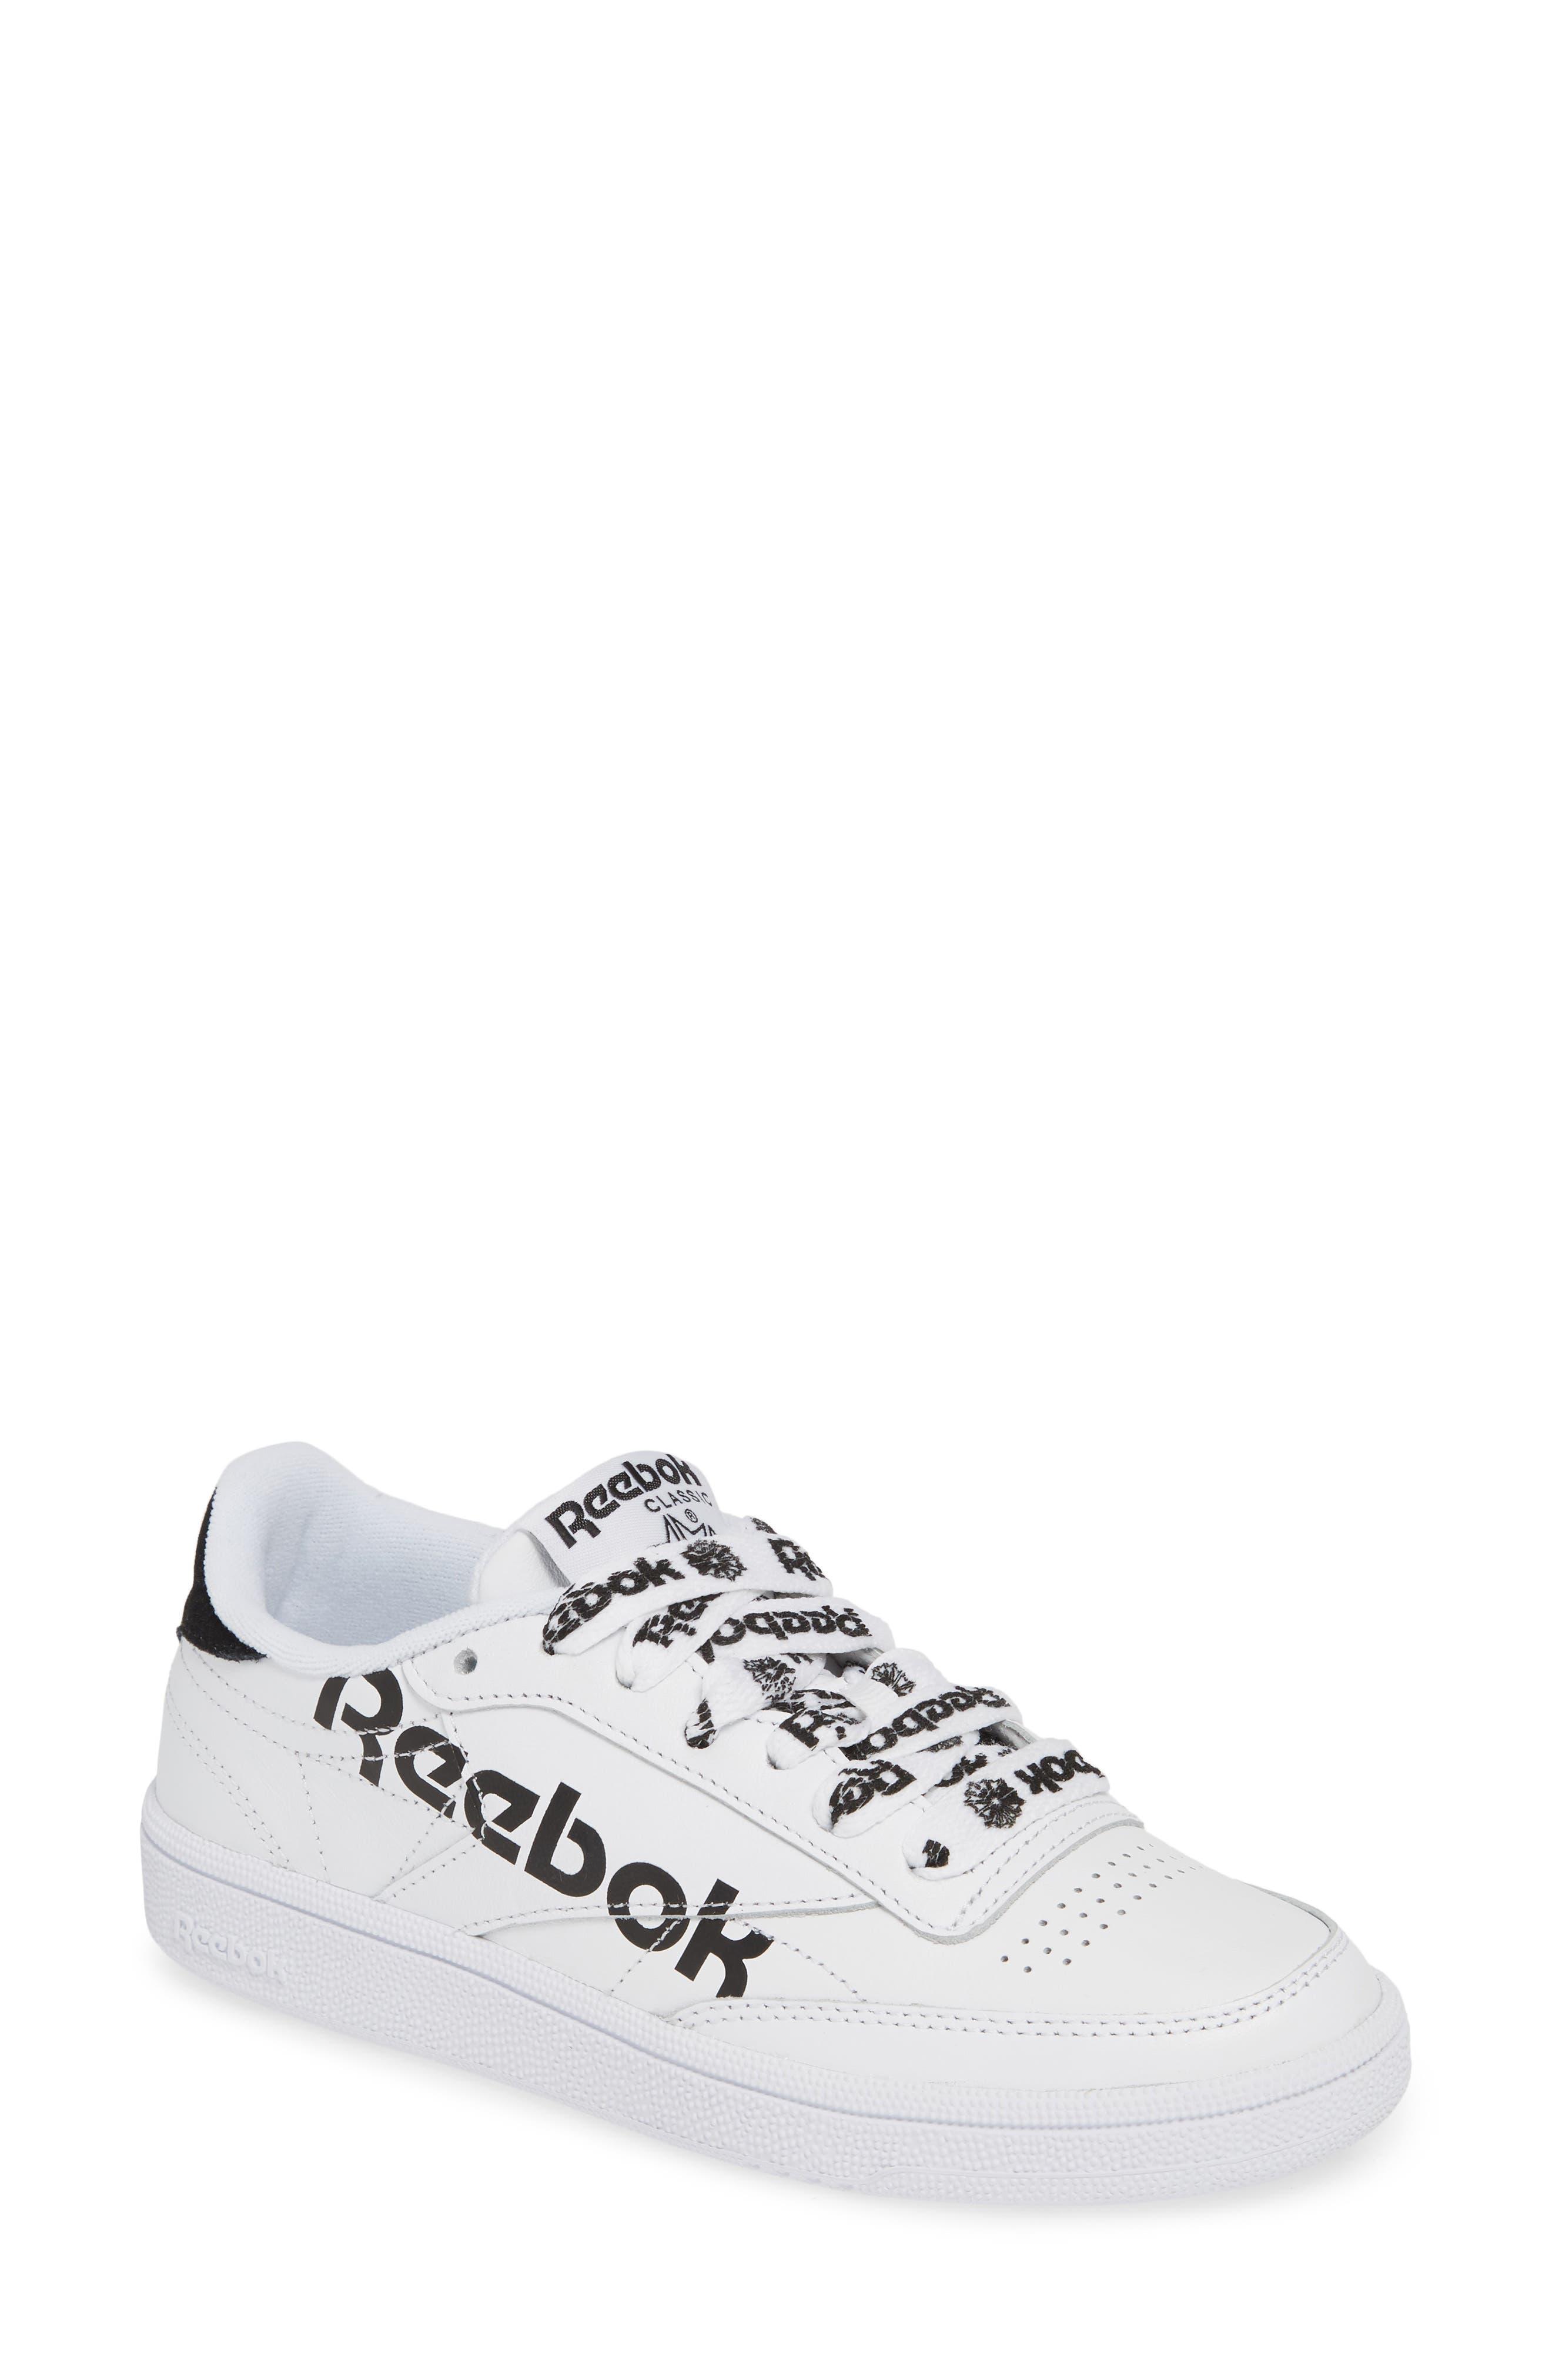 Reebok Club C 85 Sneaker (Women